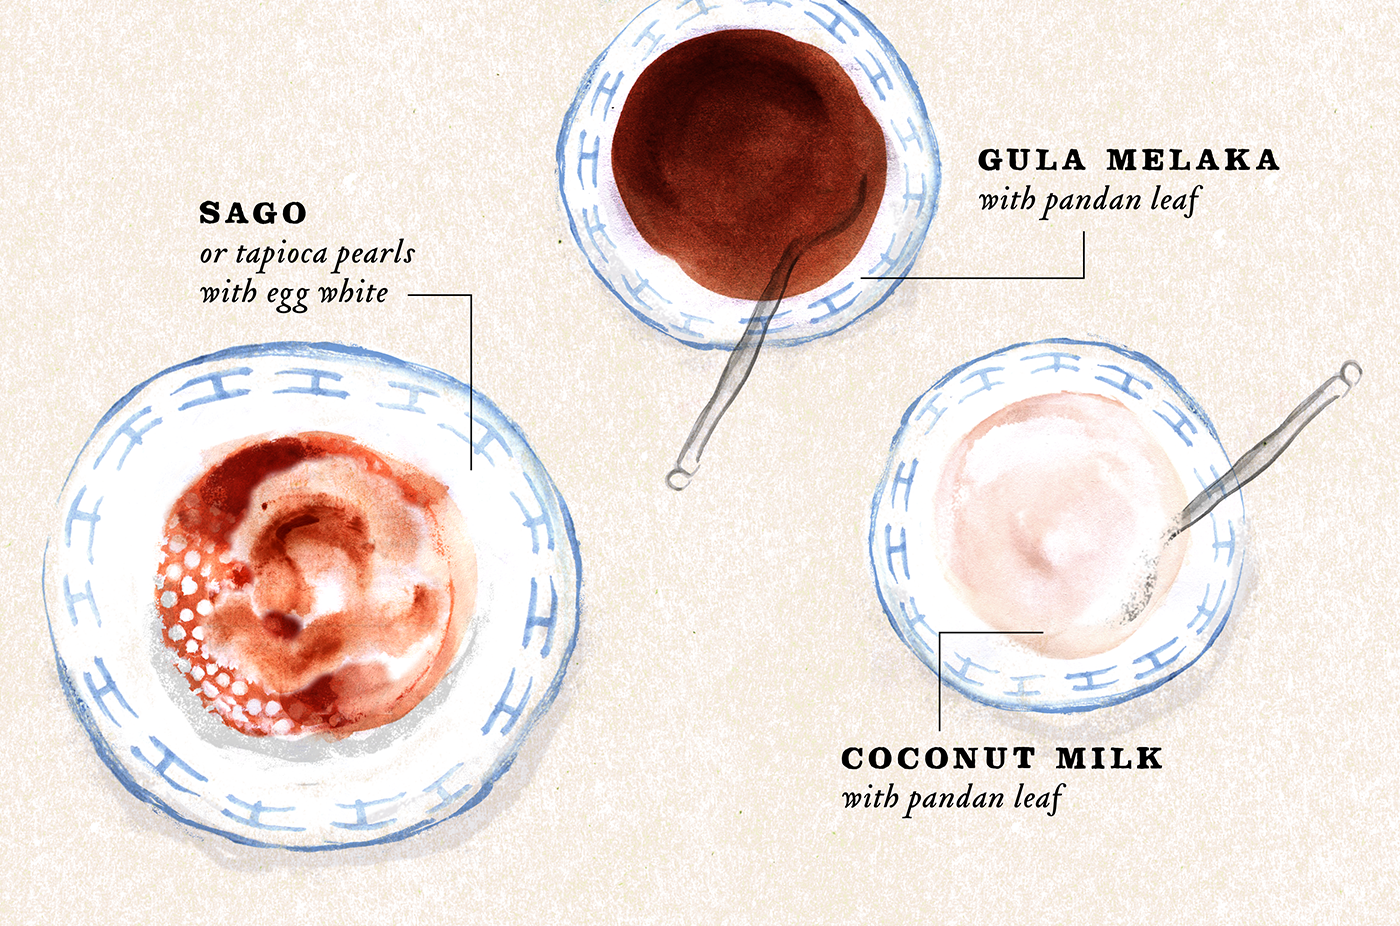 Sago Gula Melaka Recipe, Lauren Monaco Illustration